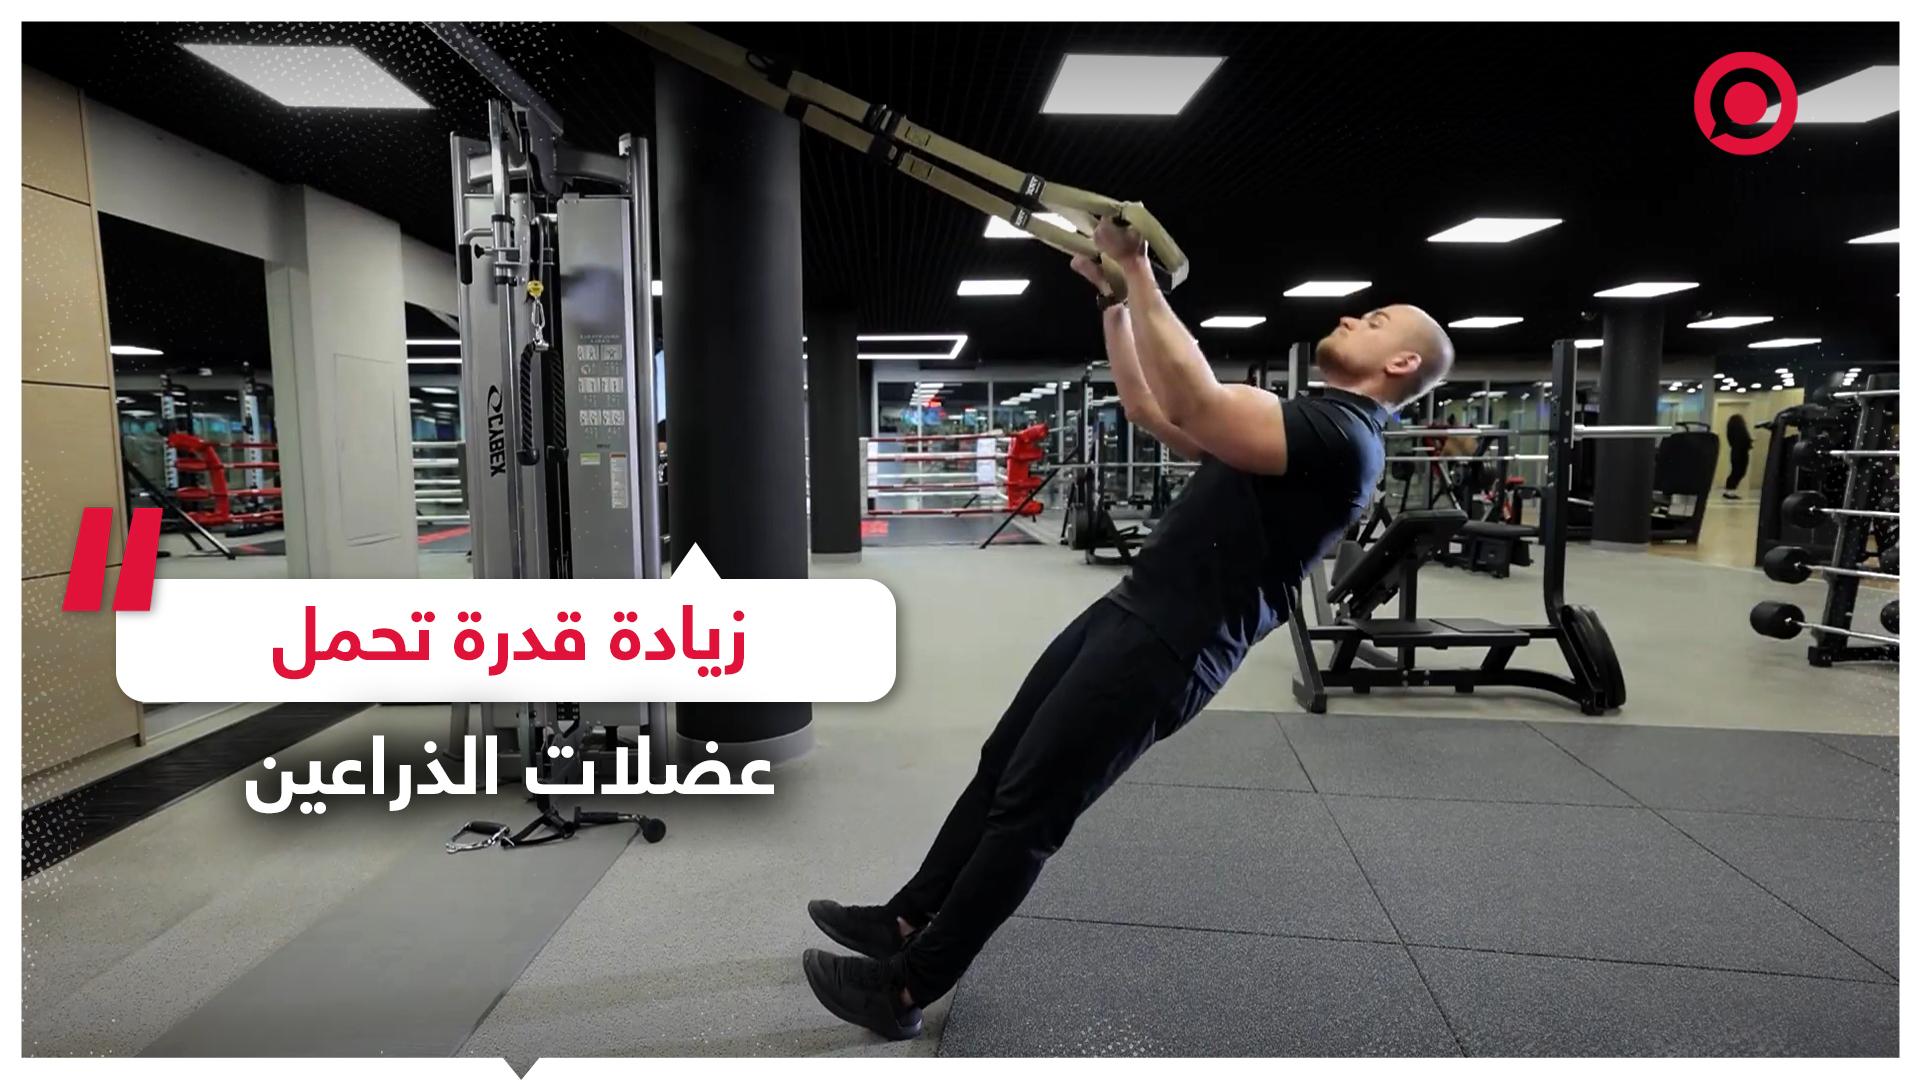 3 تمارين لزيادة قدرة تحمل عضلات الذراعين